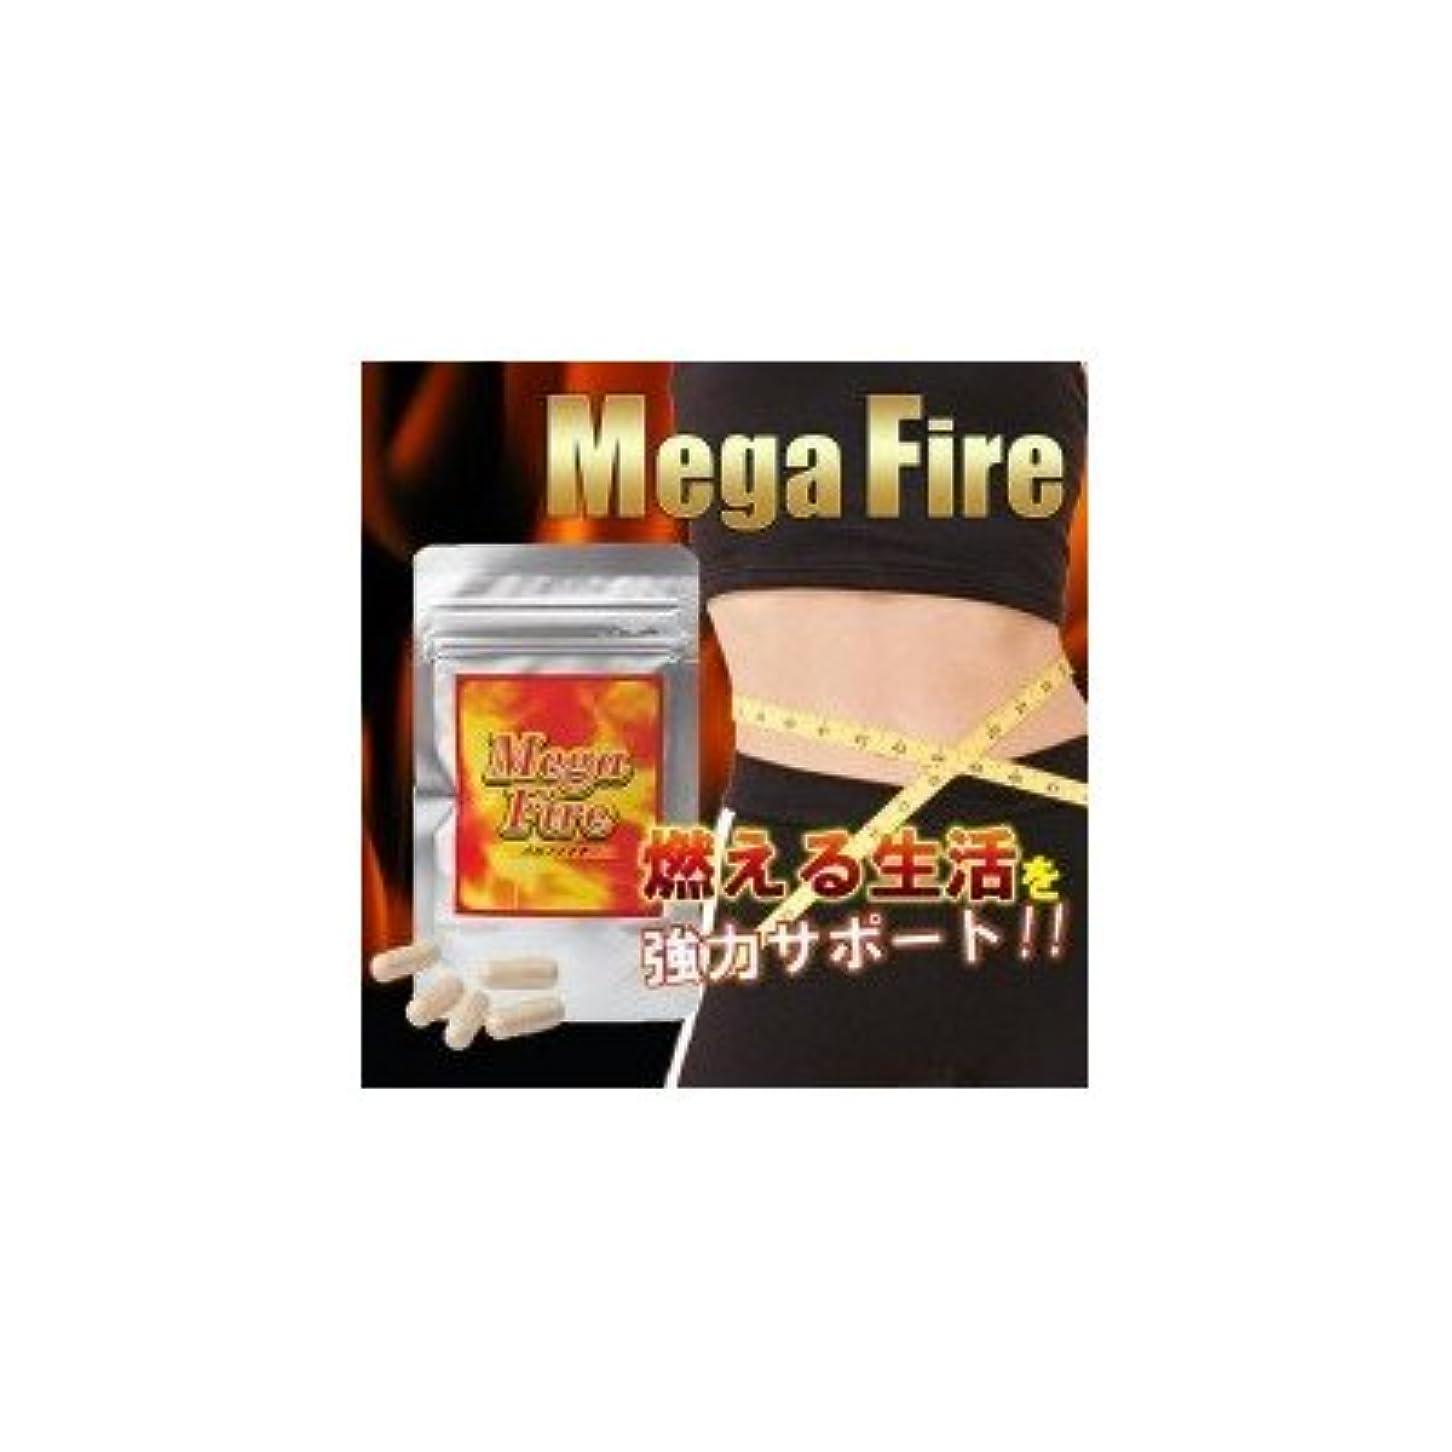 難民偶然虫Mega-Fire(メガファイア) 13.9g(377mg(1粒内容量300mg)×37カプセル)